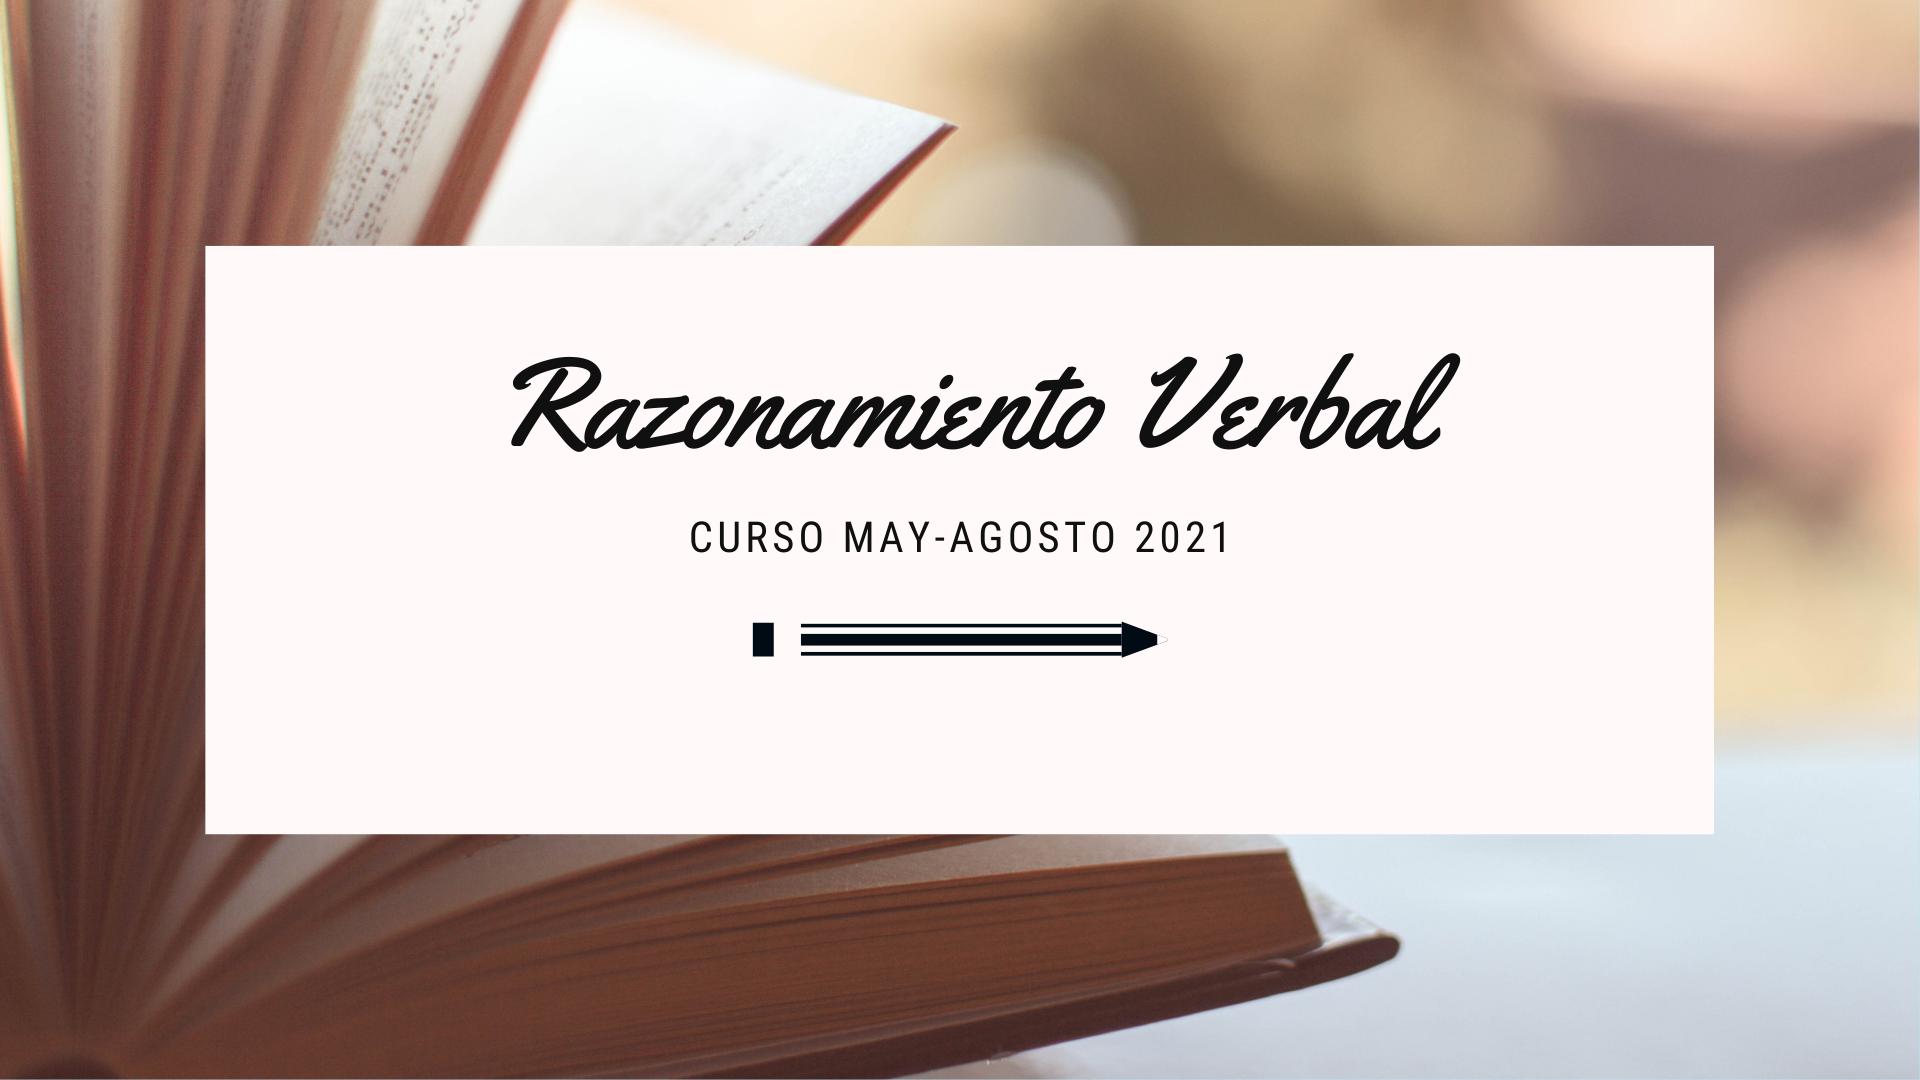 Razonamiento Verbal 2021-2 A